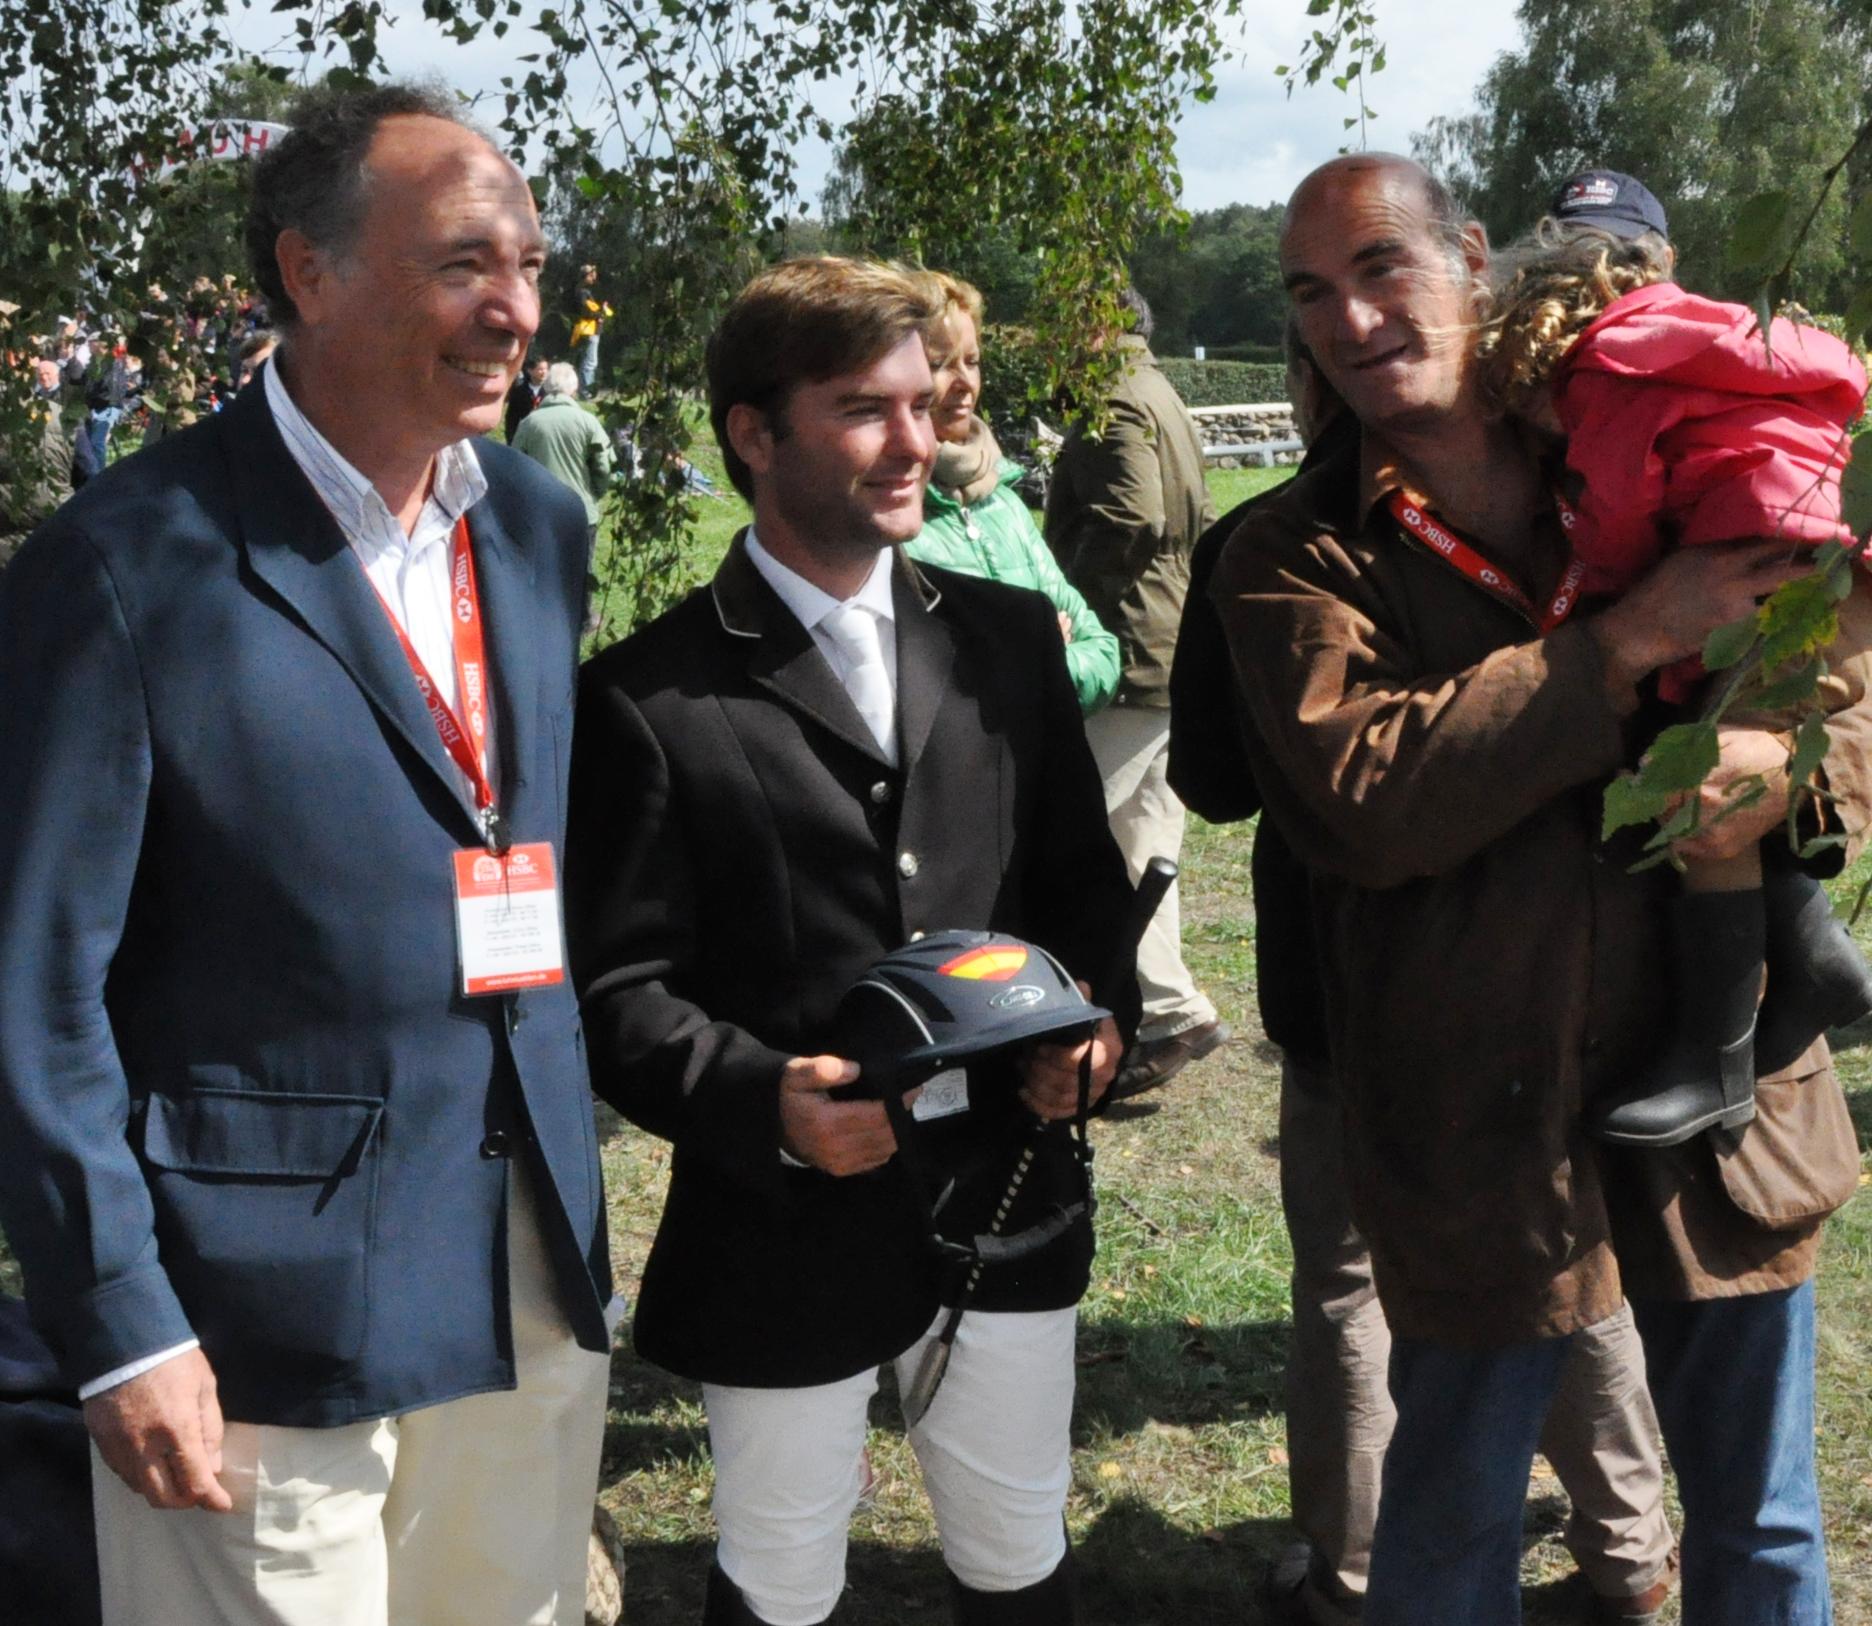 Antonio Campos Peña, propierario de JUNCO e HITO con Carlos Diaz su padre y su hija en el Campeonato de Europa 2011 en Luhmühlen